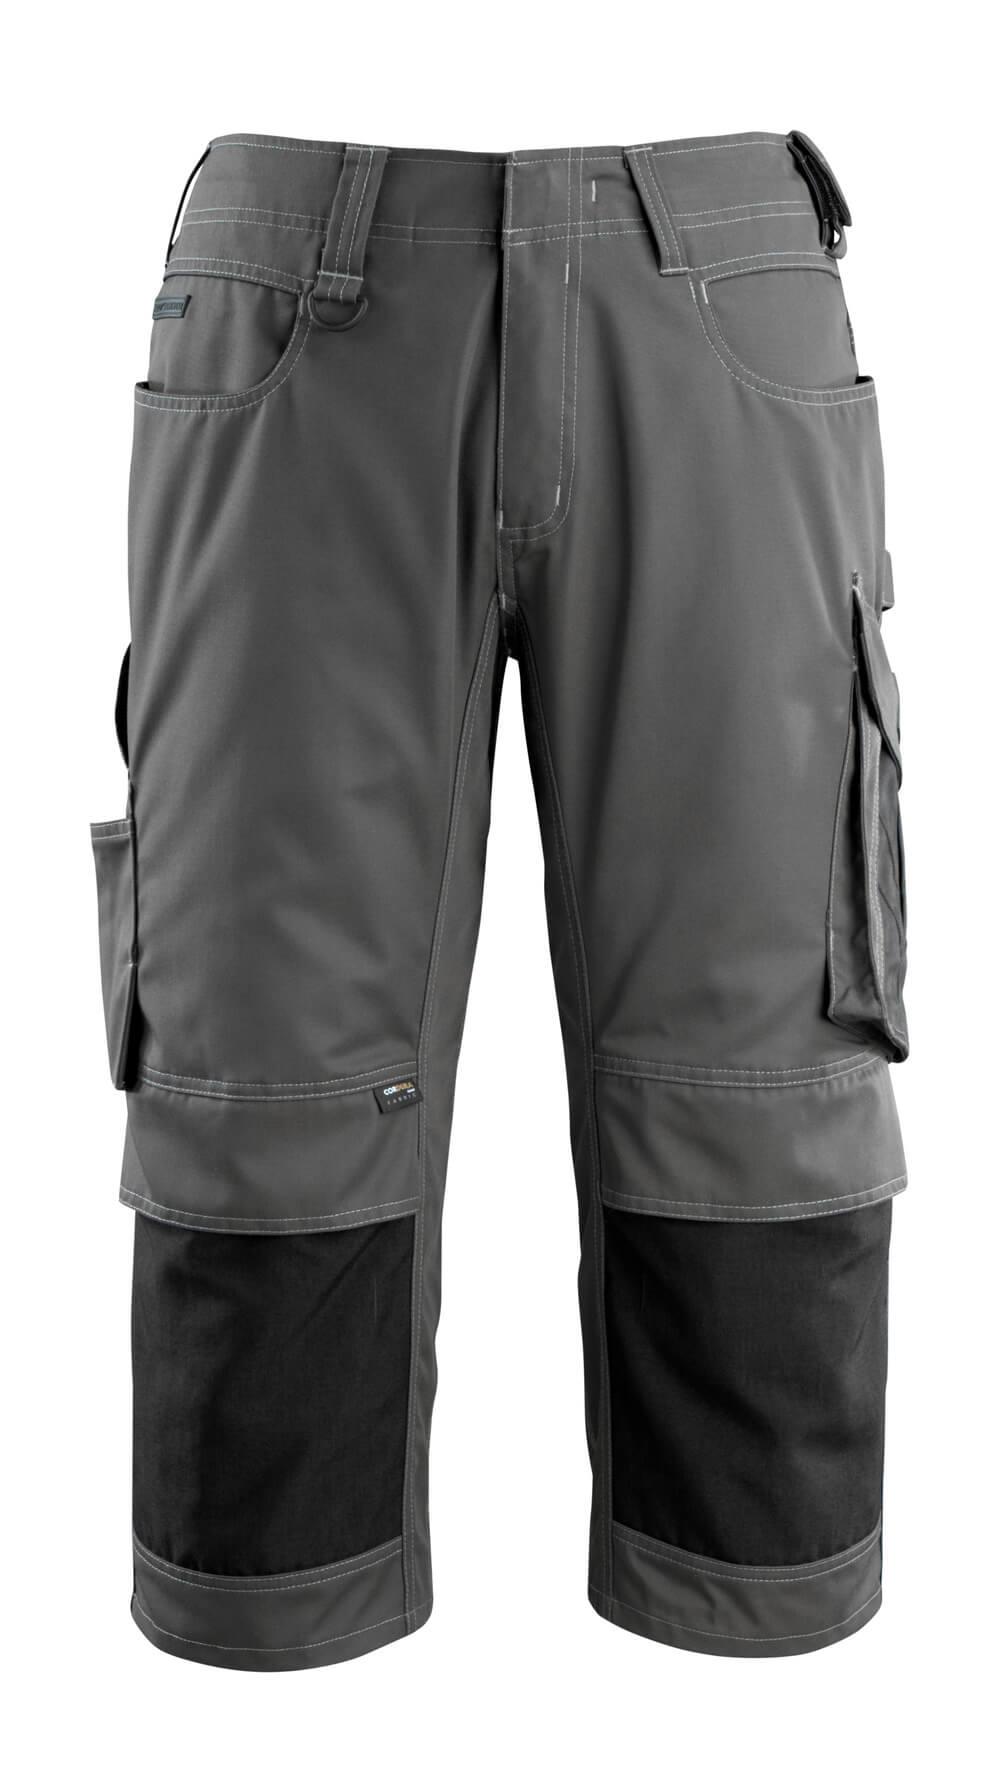 14149-442-1809 ¾-housut polvitaskuilla - tumma antrasiitti/musta